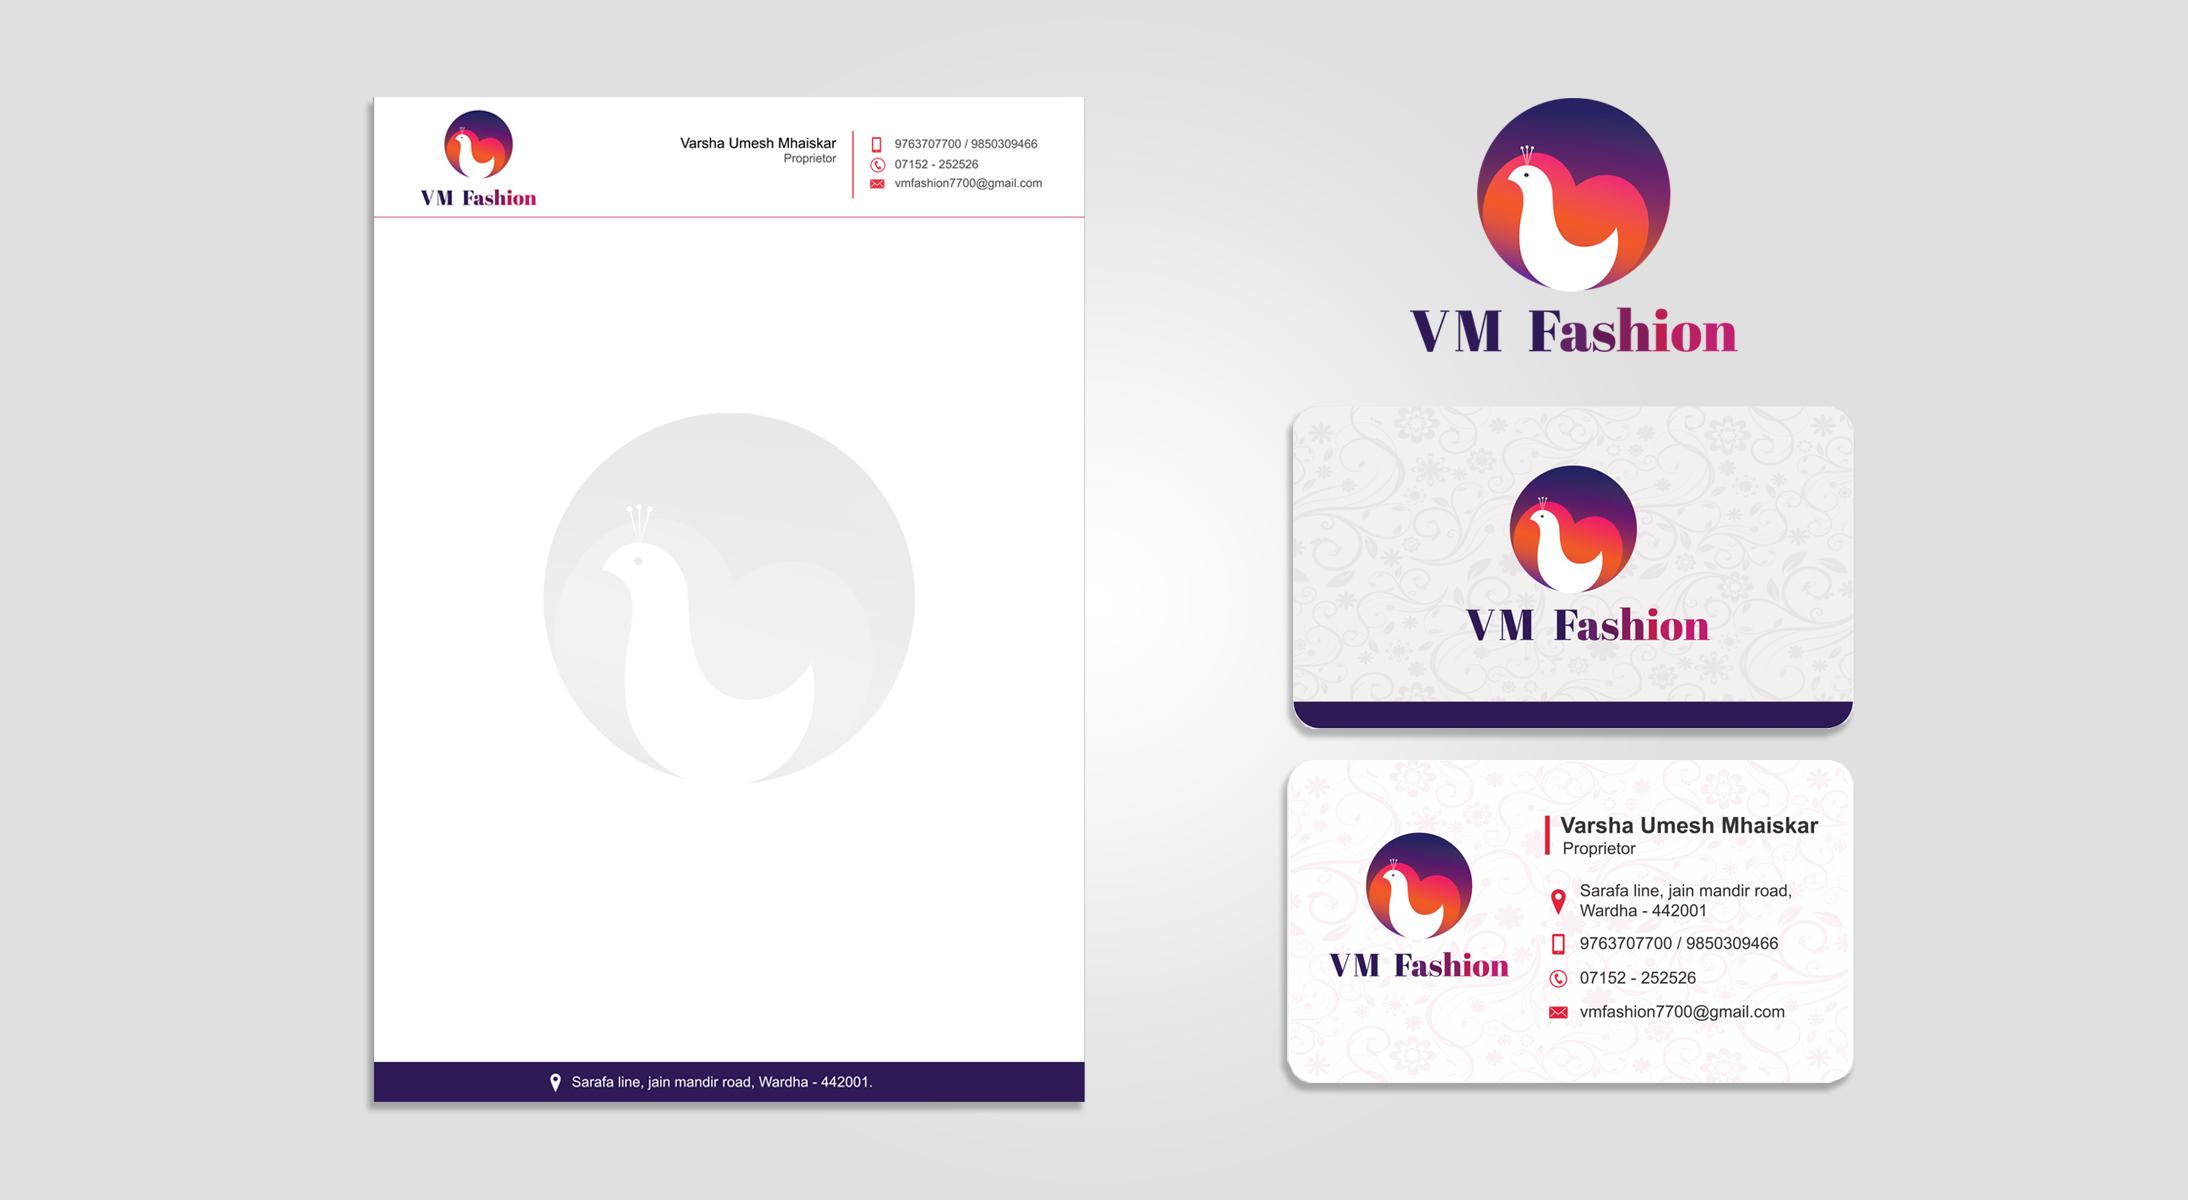 VM Fashion